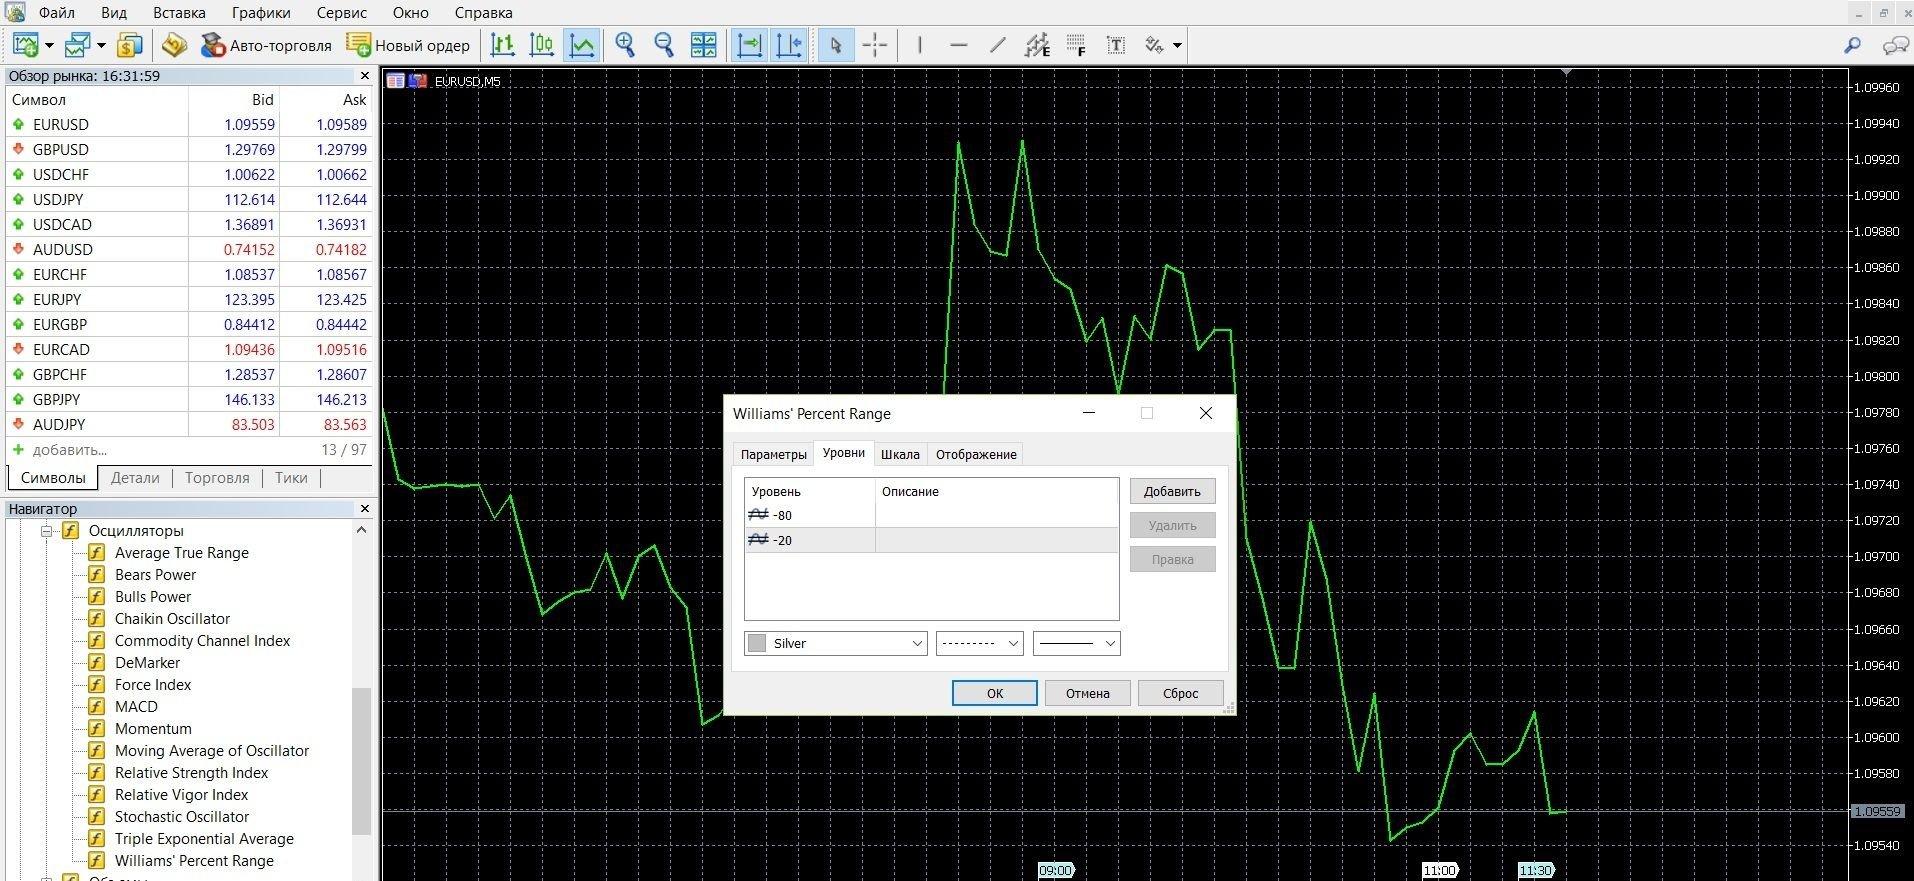 Добавьте индикатор Вильямс %R в торговую платформу Метатрейдер 4